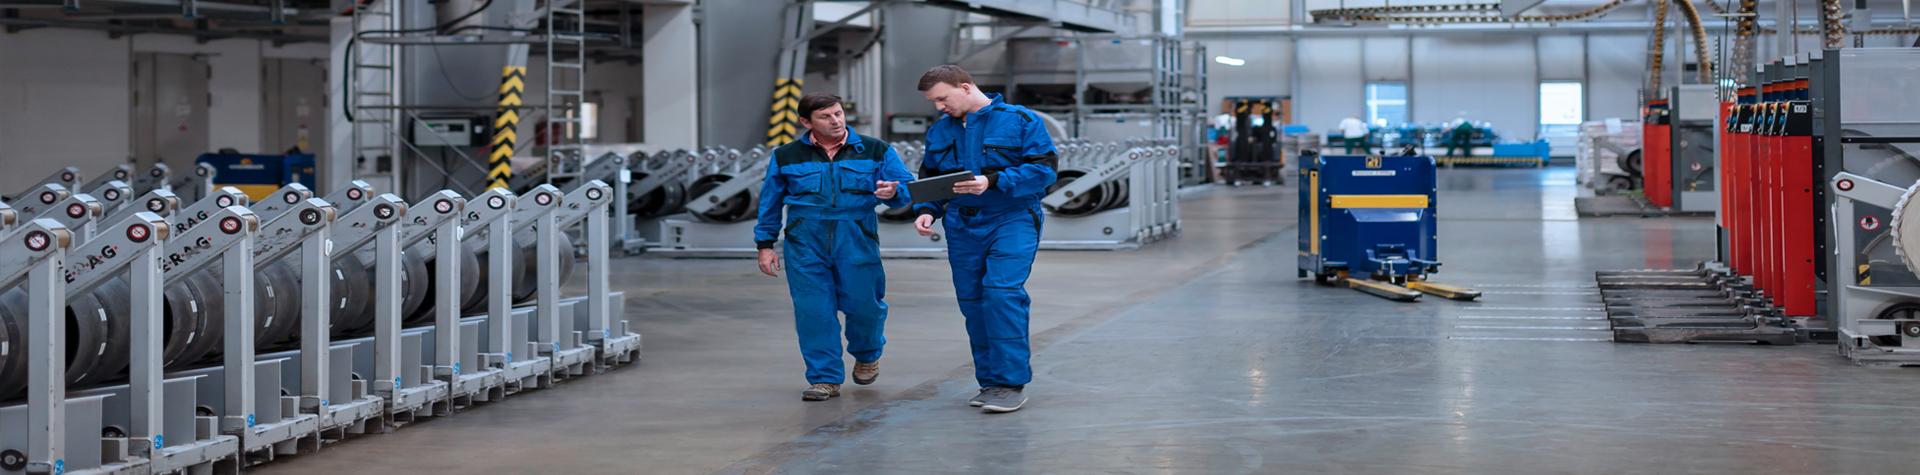 engineers looking at repair orders